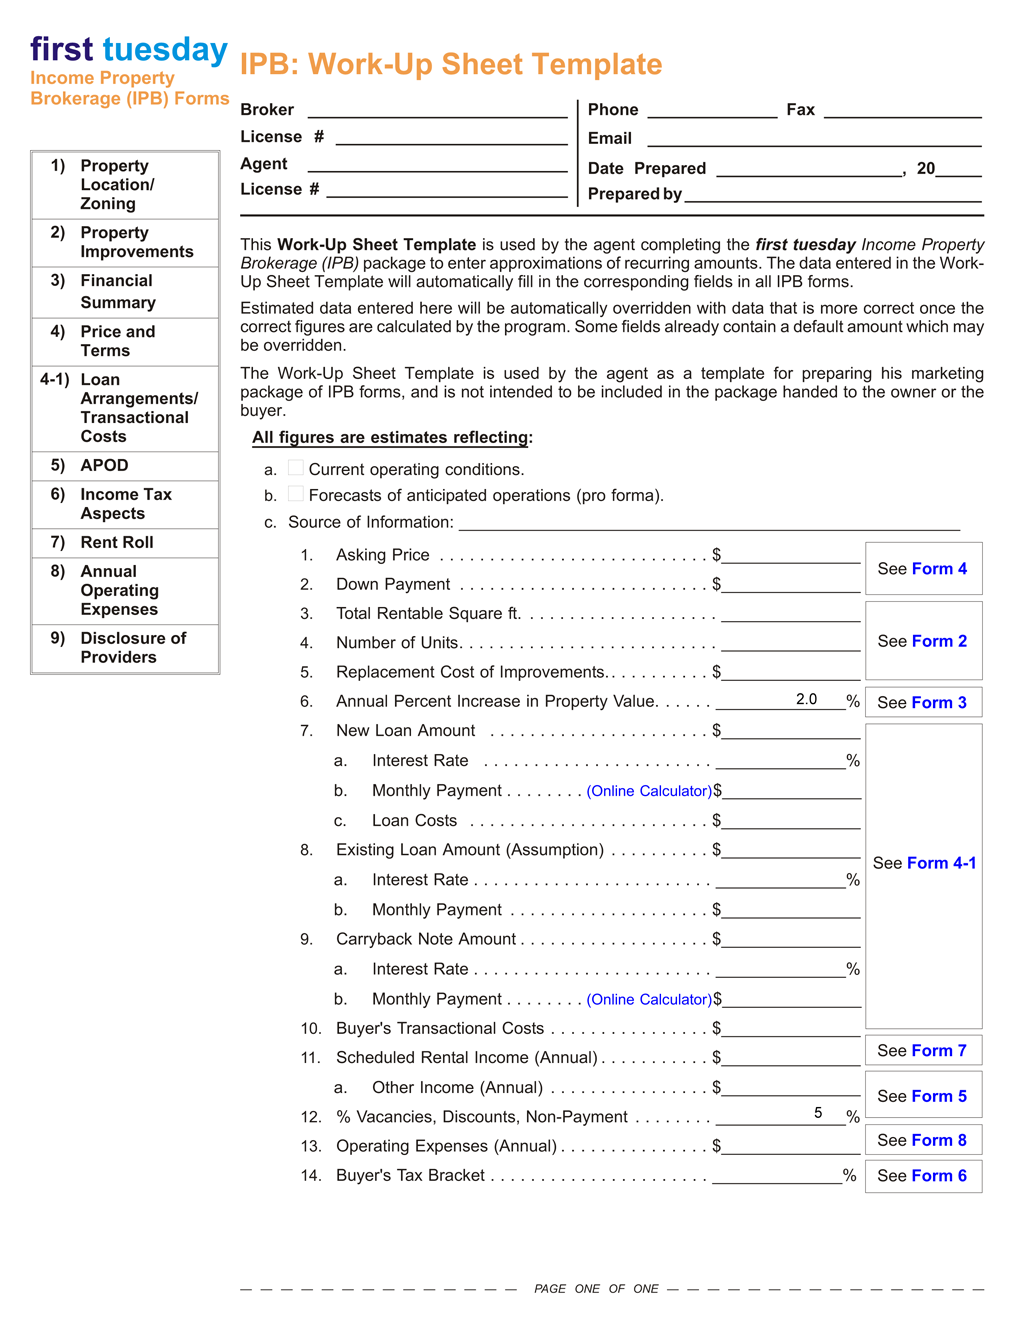 IPB-Work-Up-Sheet-Template